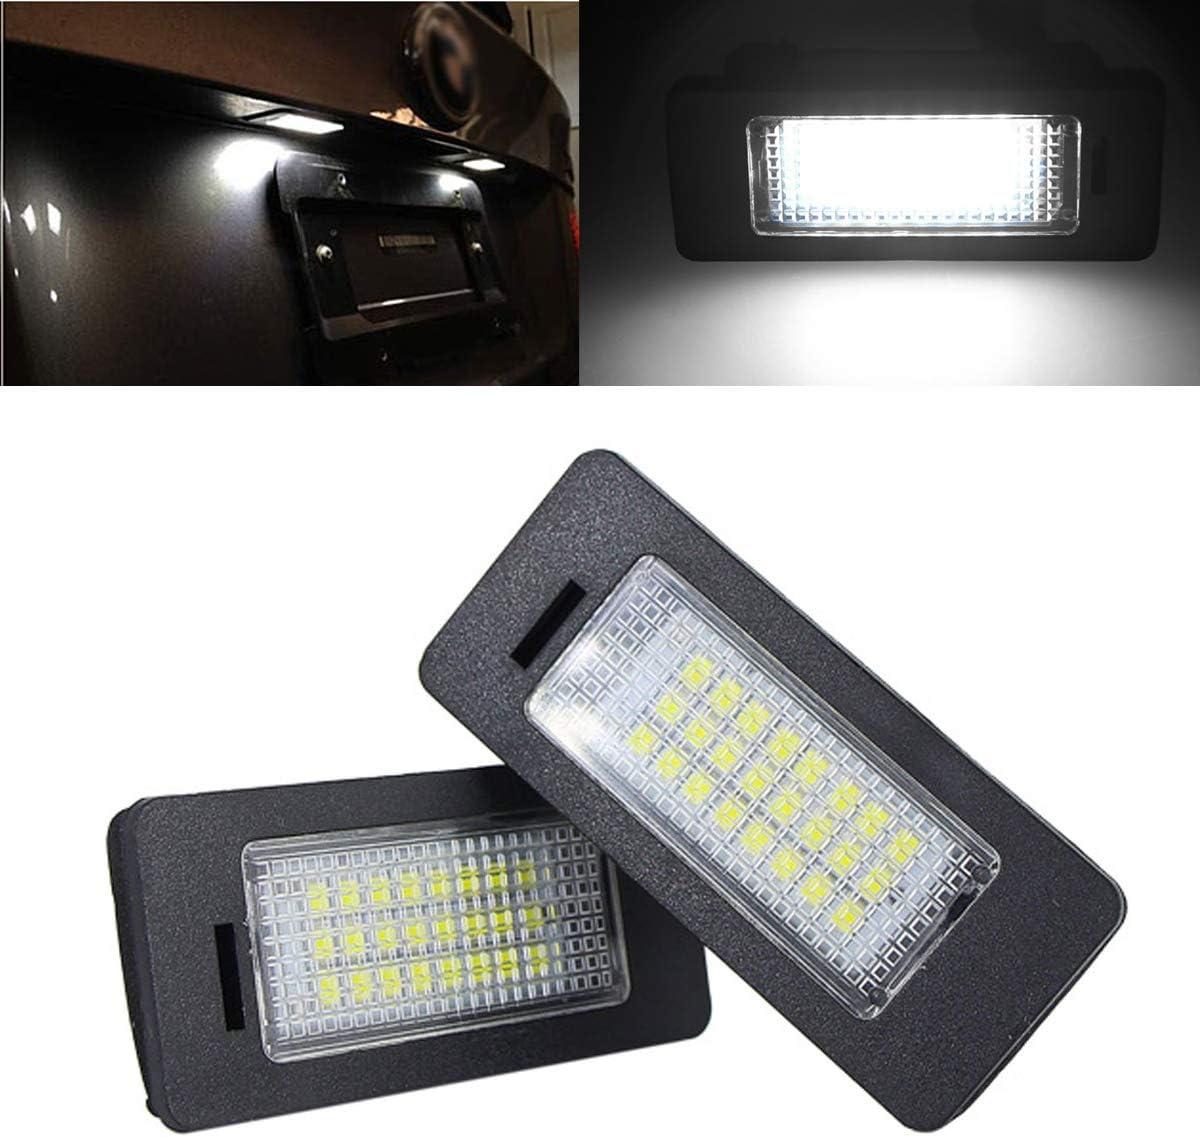 2pcs YUGUIYUN Eclairage Plaque dImmatriculation Automobile Lumi/ère Num/éro de Plaque 24 LED Xenon Blanc LED Lampe pour E39 M5 E70 E71 X5 X6 E60 M5 E90 E92 E93 M3